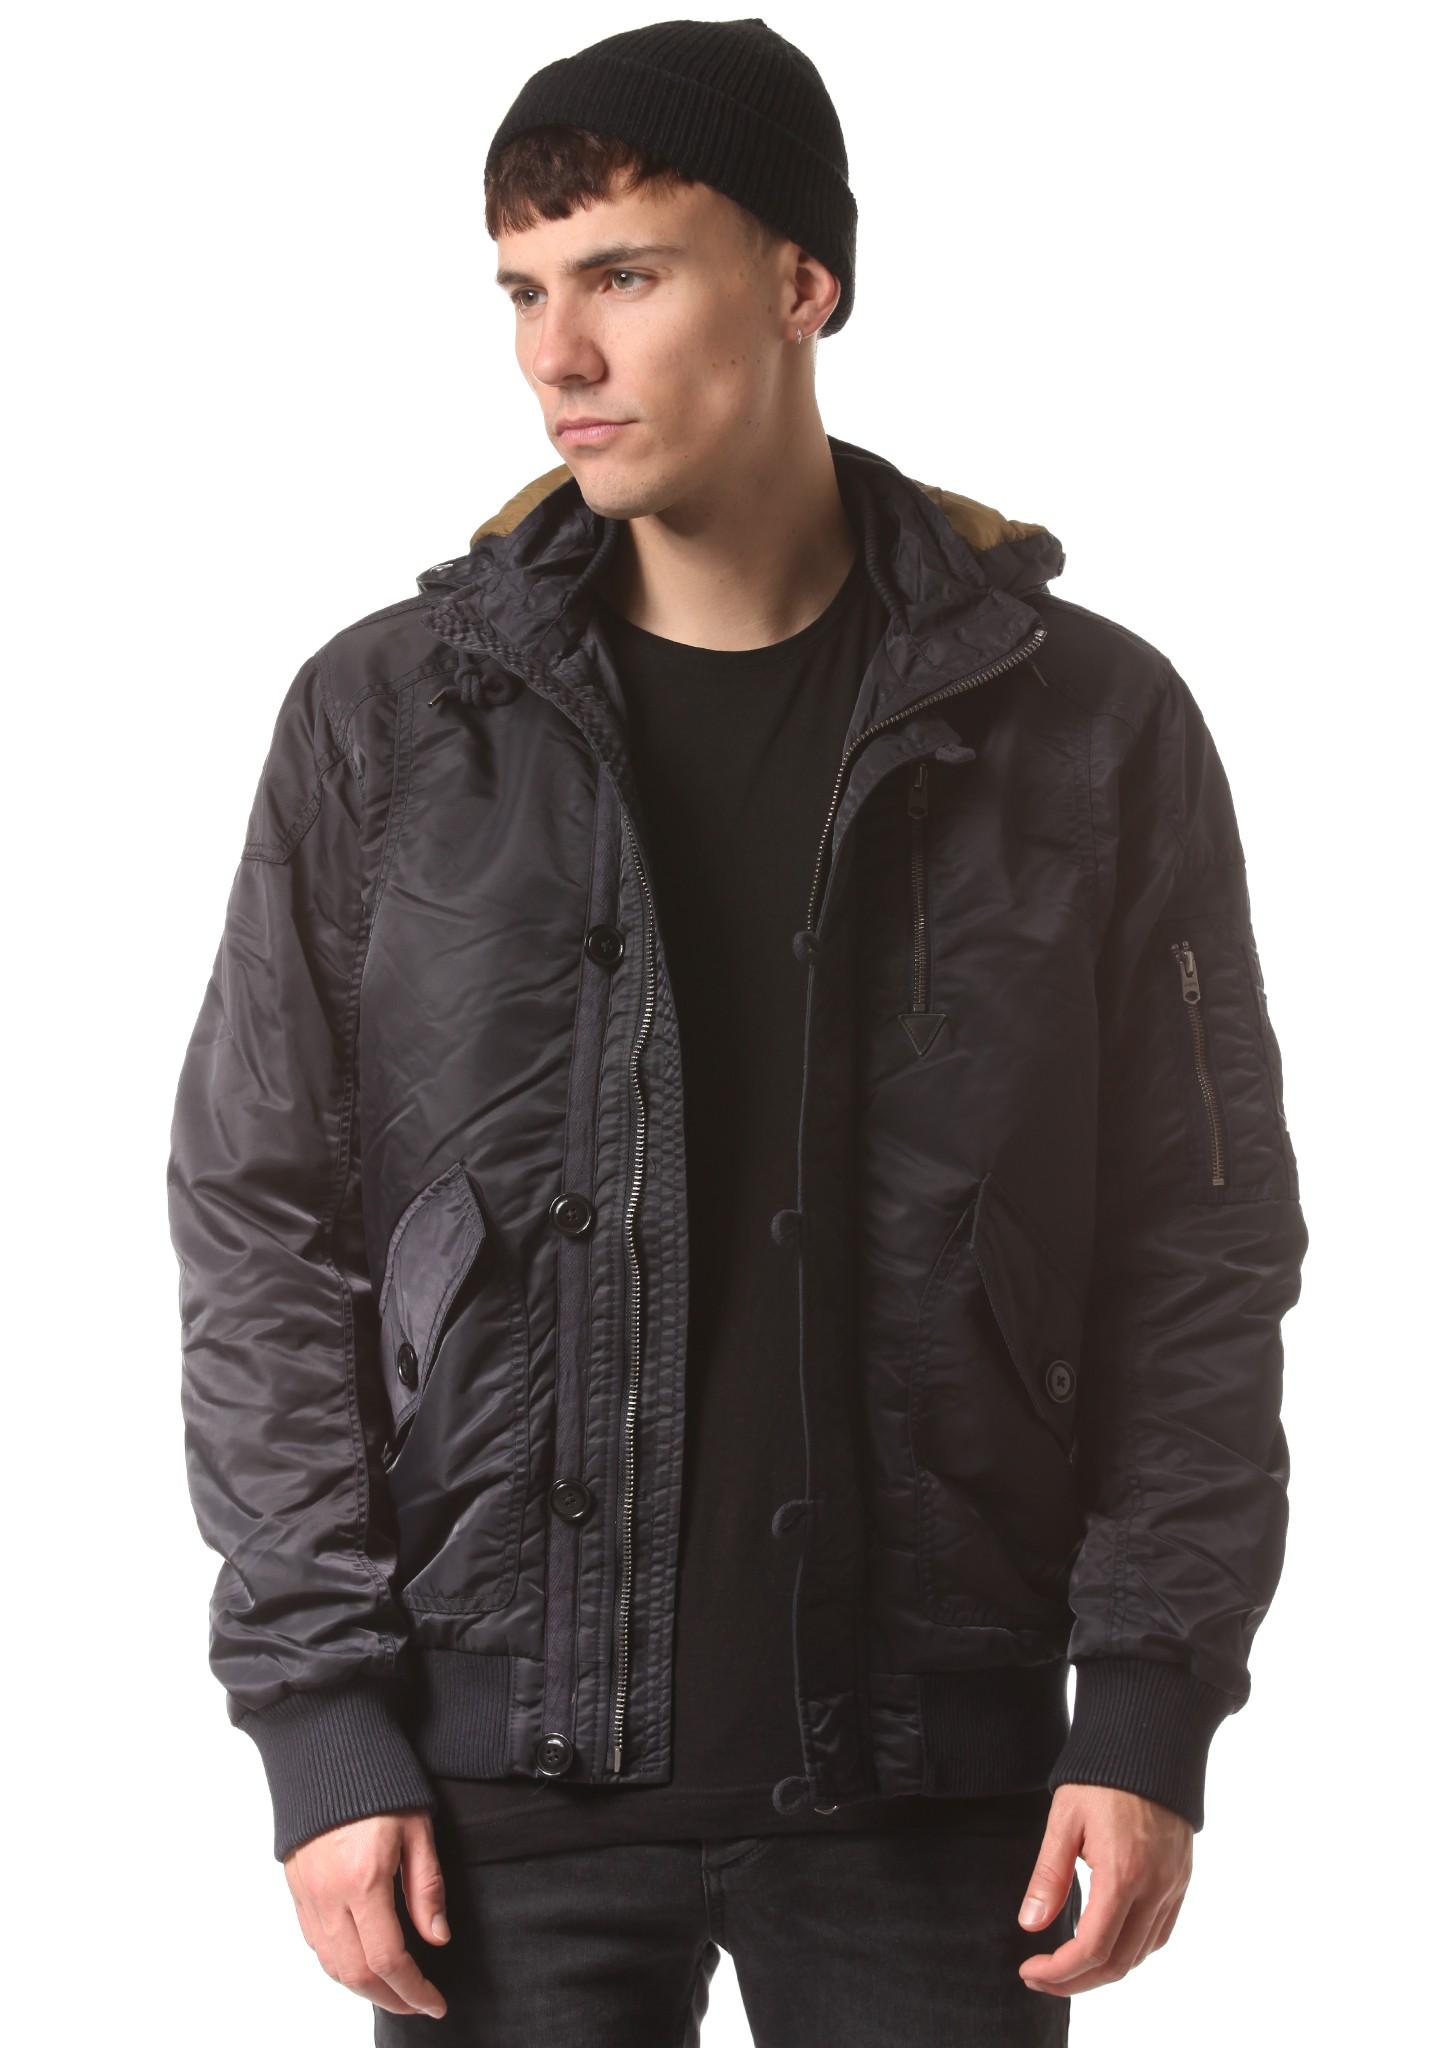 neu jack jones vintage clothing craft jacket herren jacke ebay. Black Bedroom Furniture Sets. Home Design Ideas